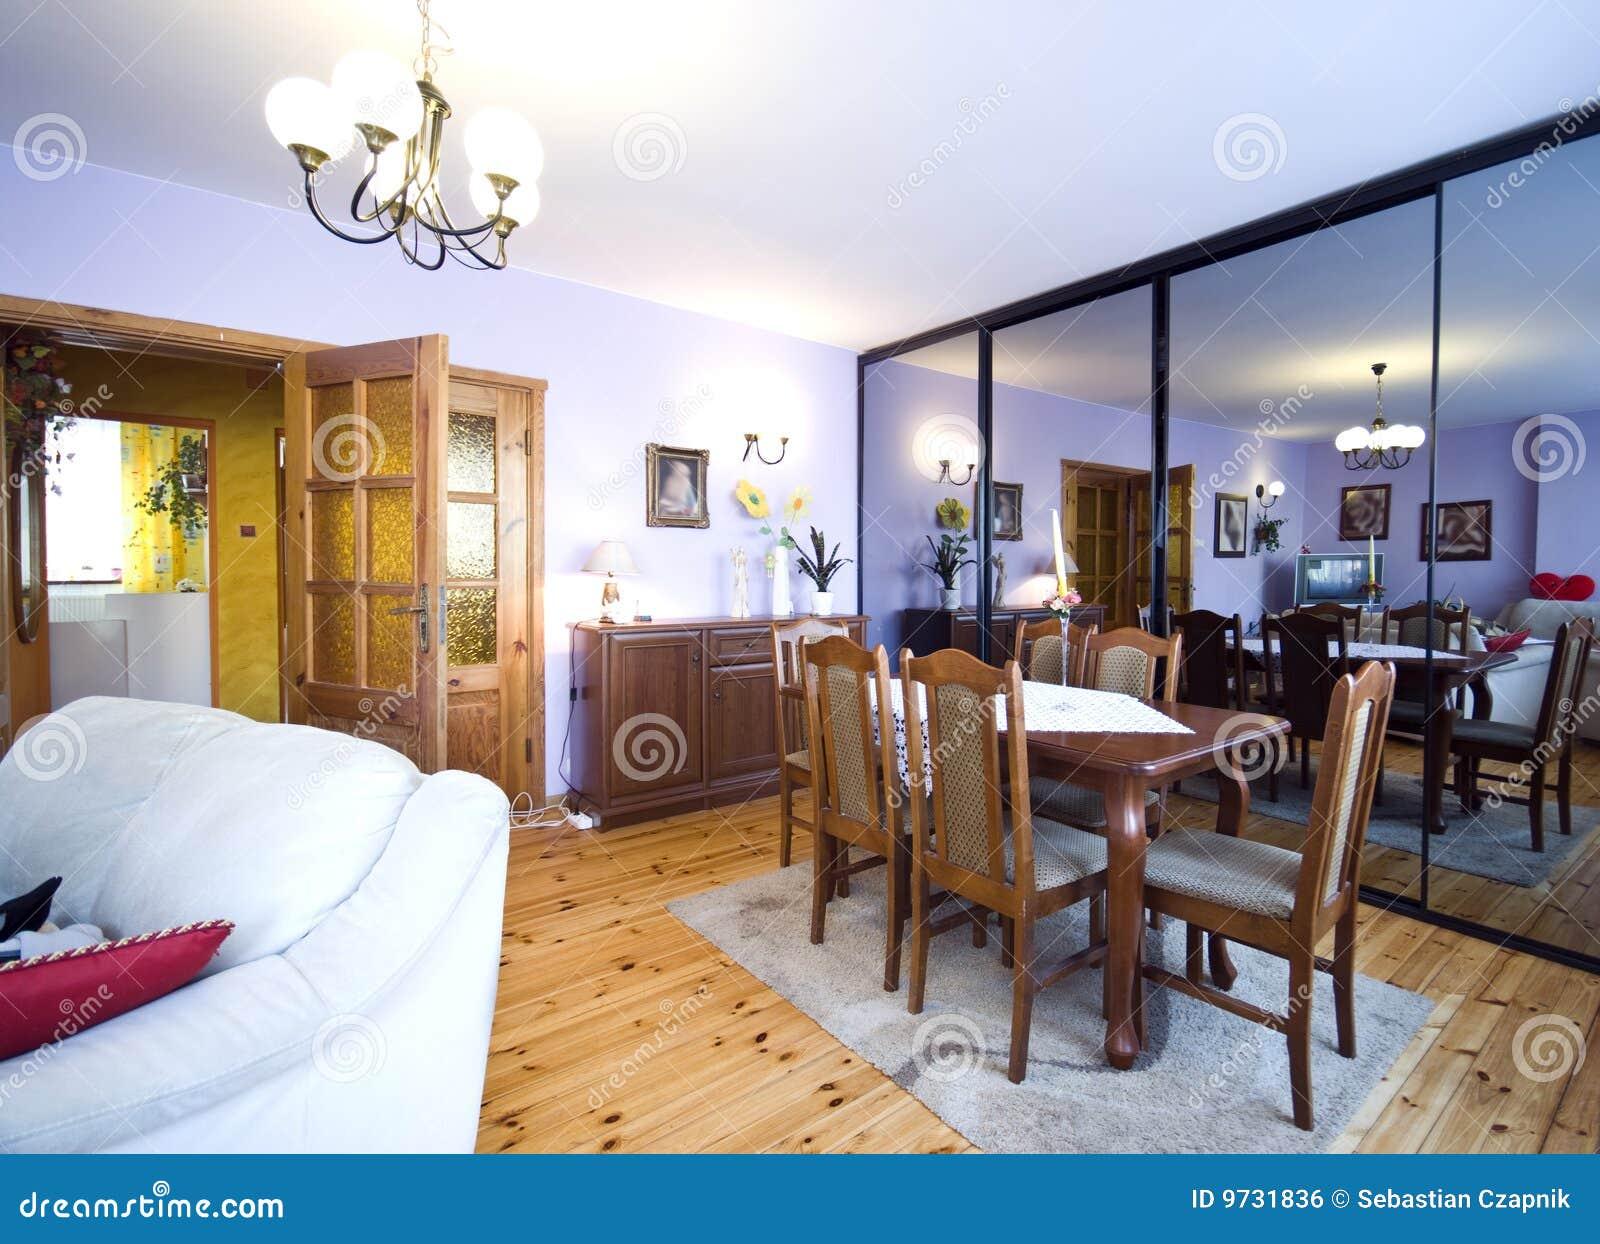 salle de s jour de miroir image libre de droits image 9731836. Black Bedroom Furniture Sets. Home Design Ideas